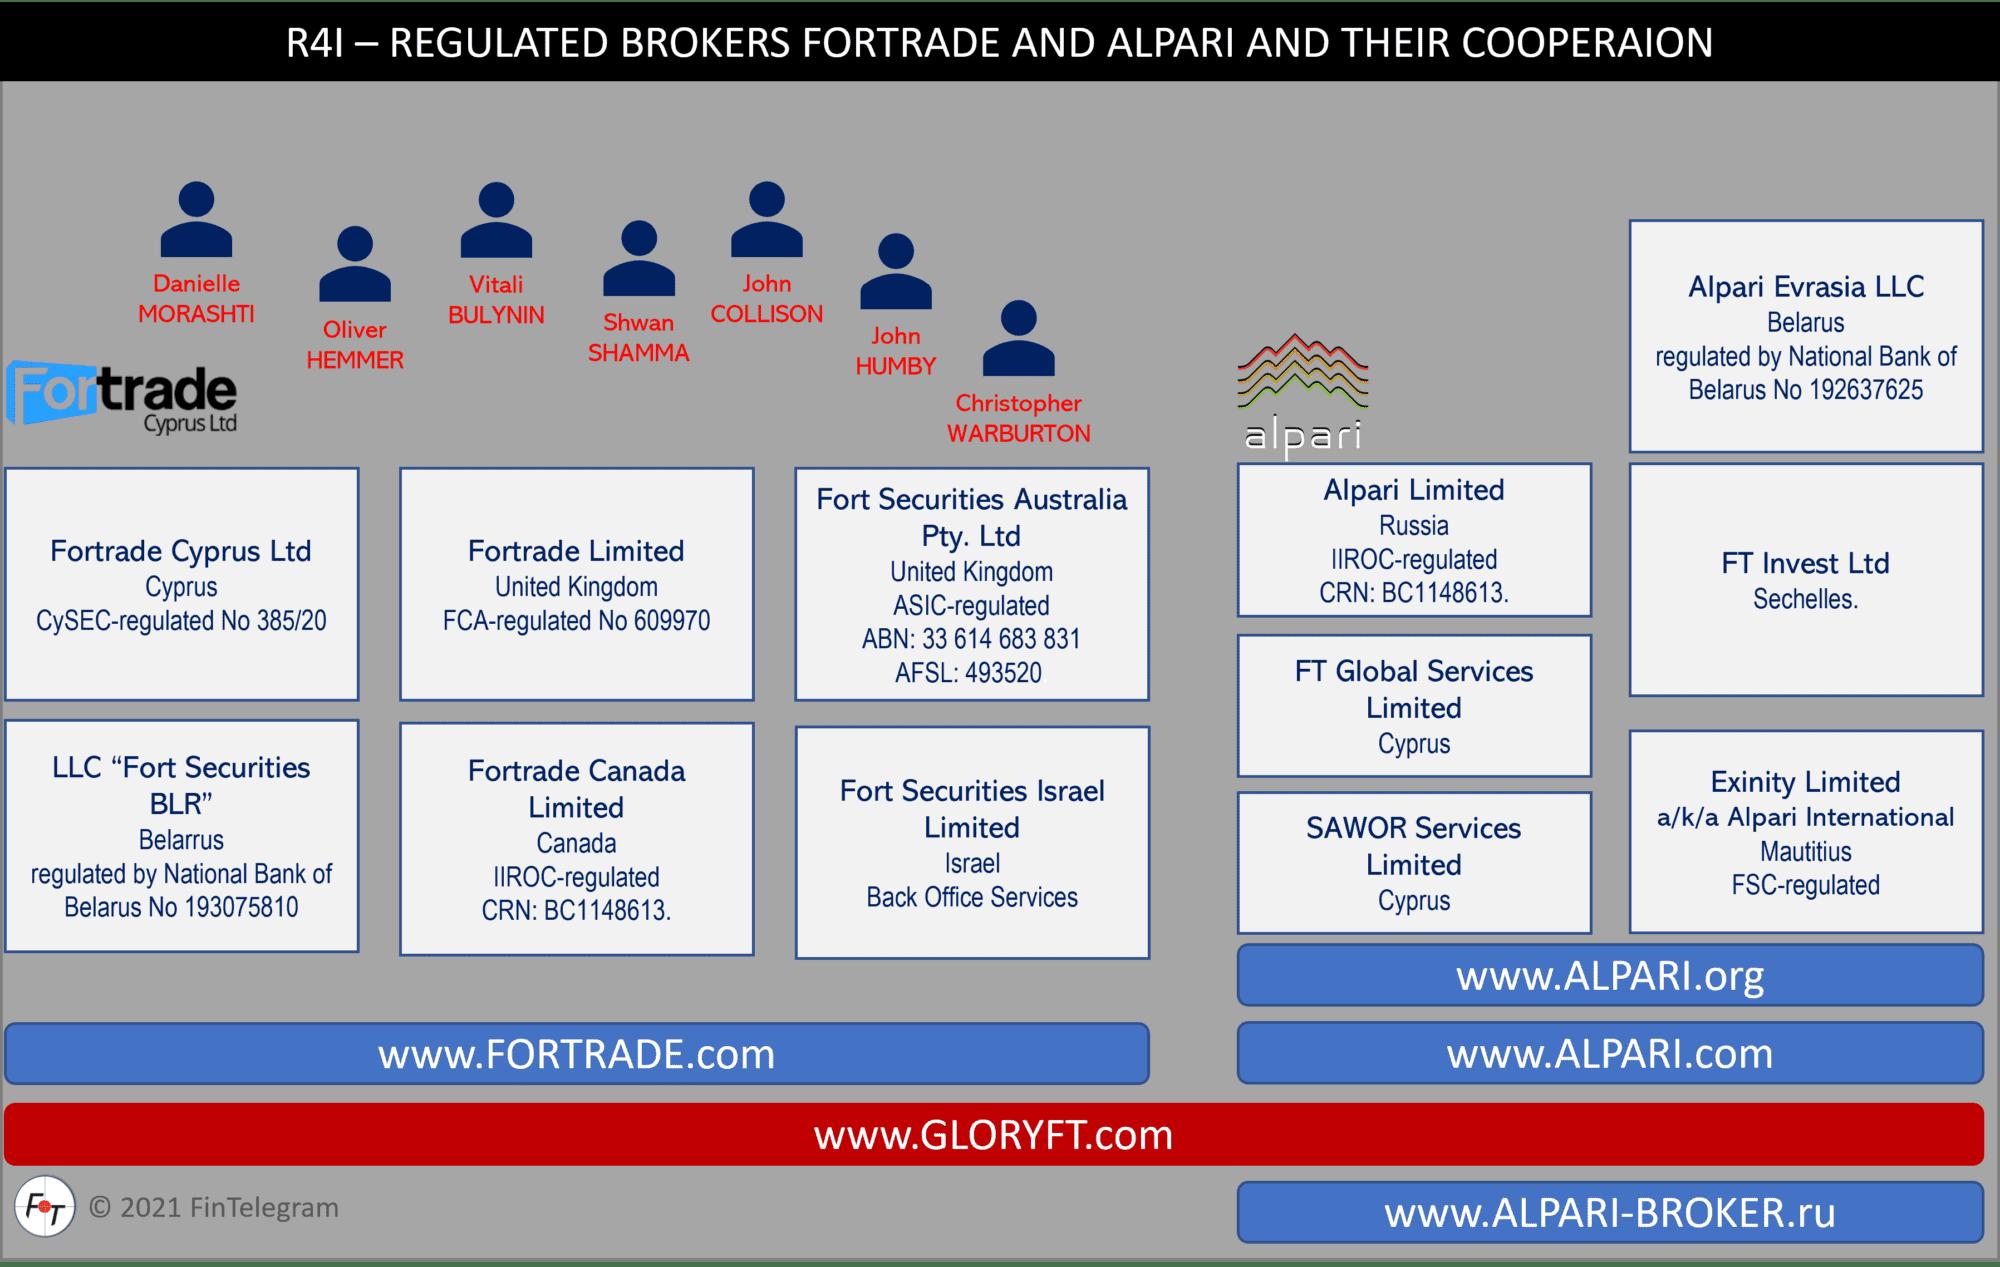 ForTrade and Alpari network